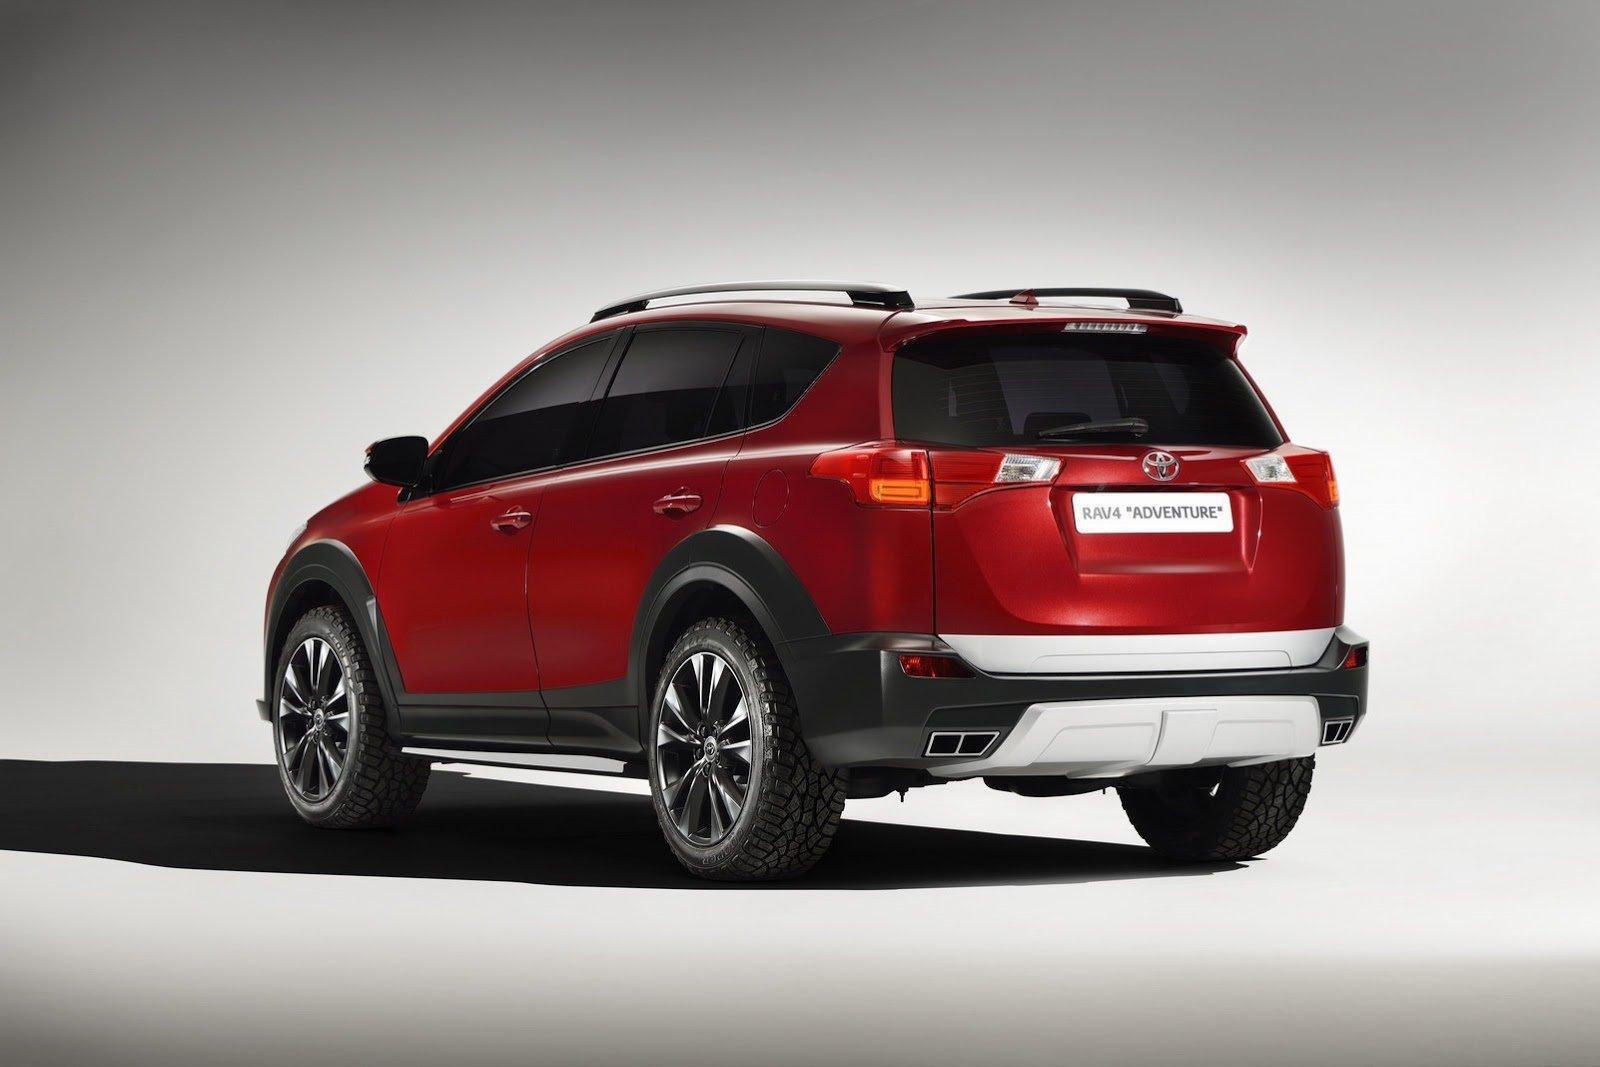 【2013ジュネーブショー】よりsuv風に トヨタ、新型rav4の2種のデザインスタディを発表 Moter